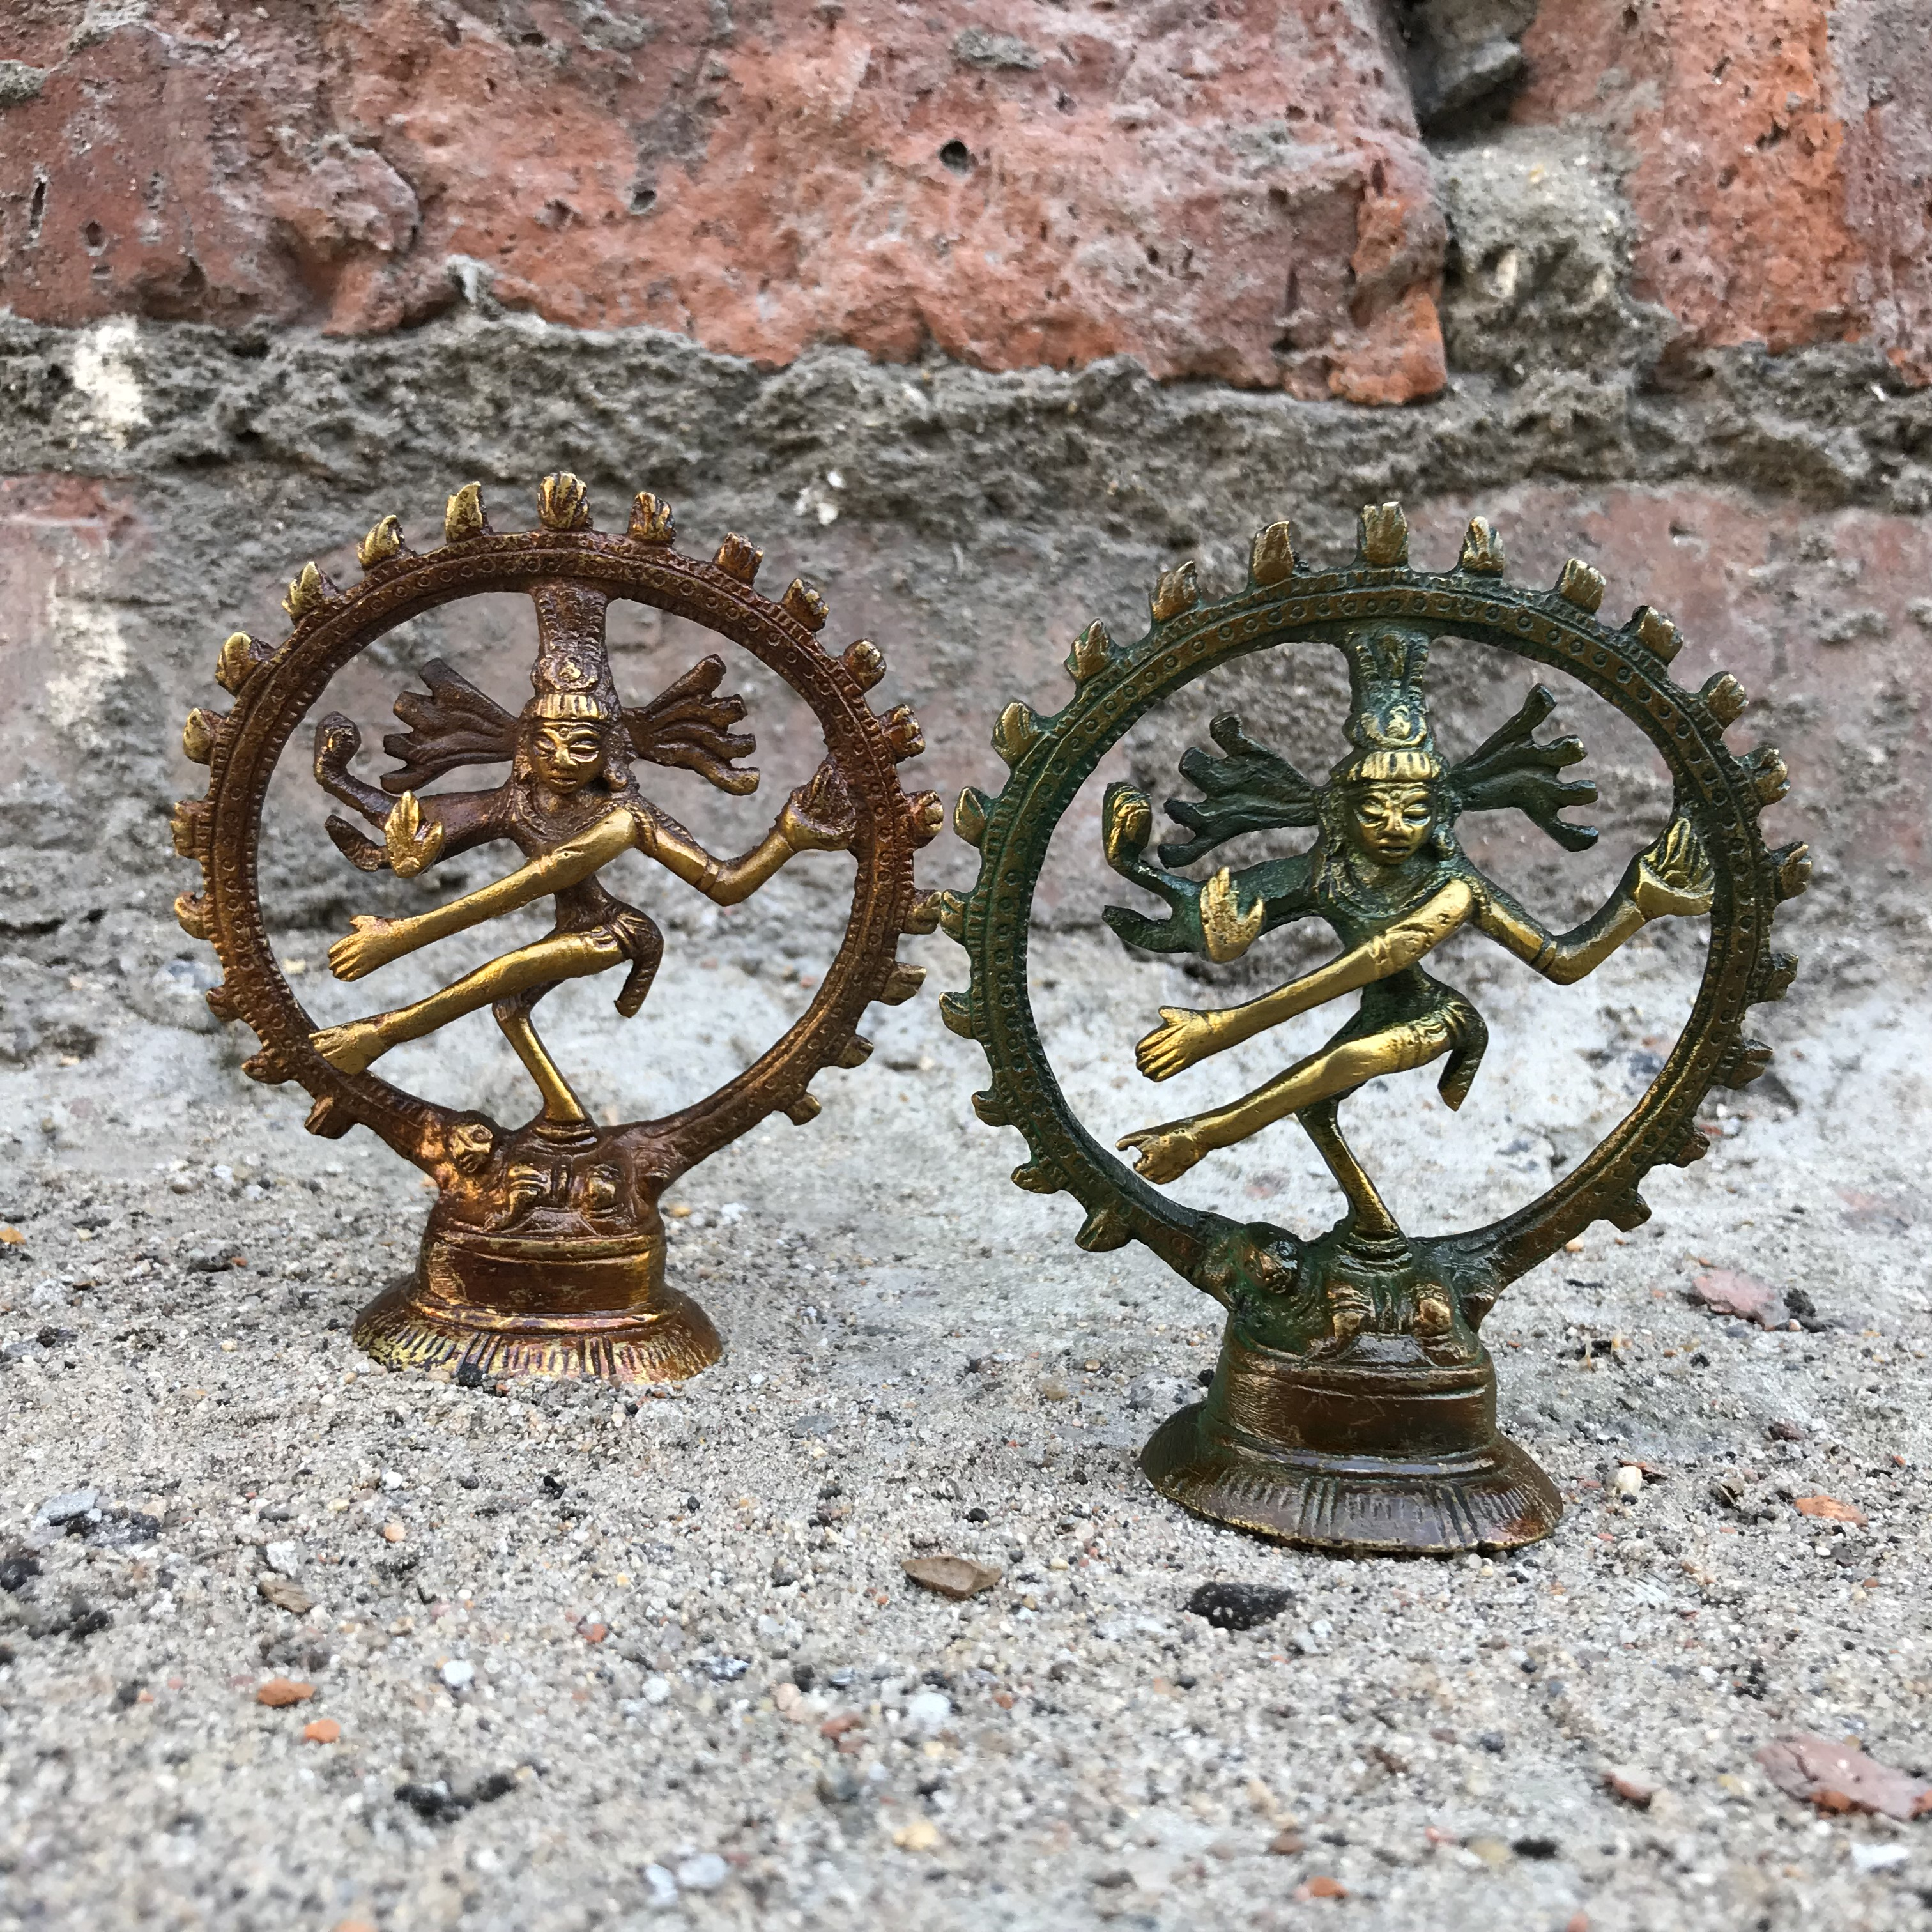 Шива натарадж статуэтка бронза 9,5см ( ассорти 0,4 кг ) статуэтка goebel все сюда quelle goebel 547688